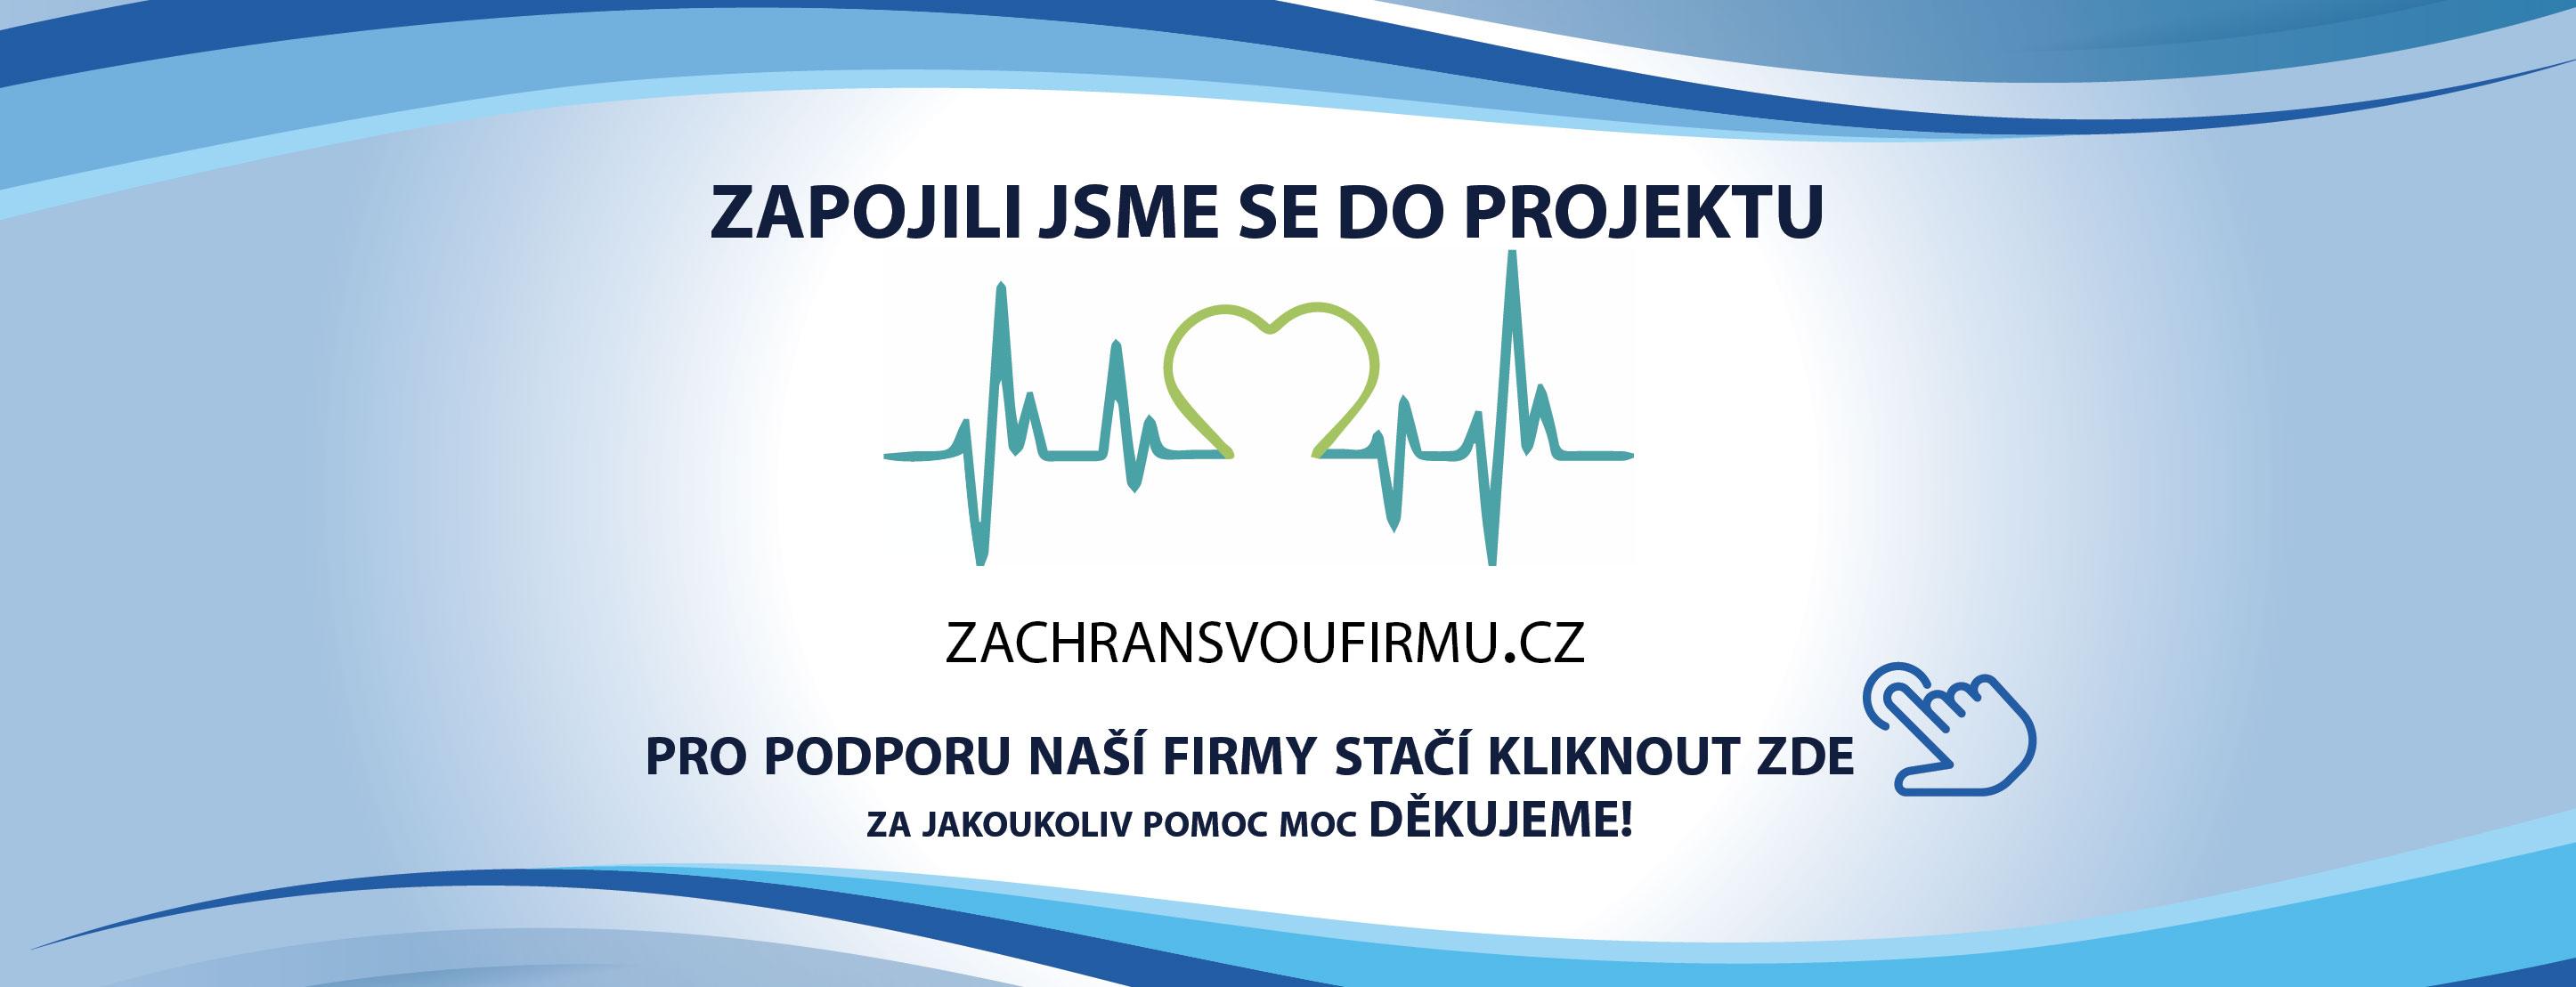 zachransvoufirmu.cz